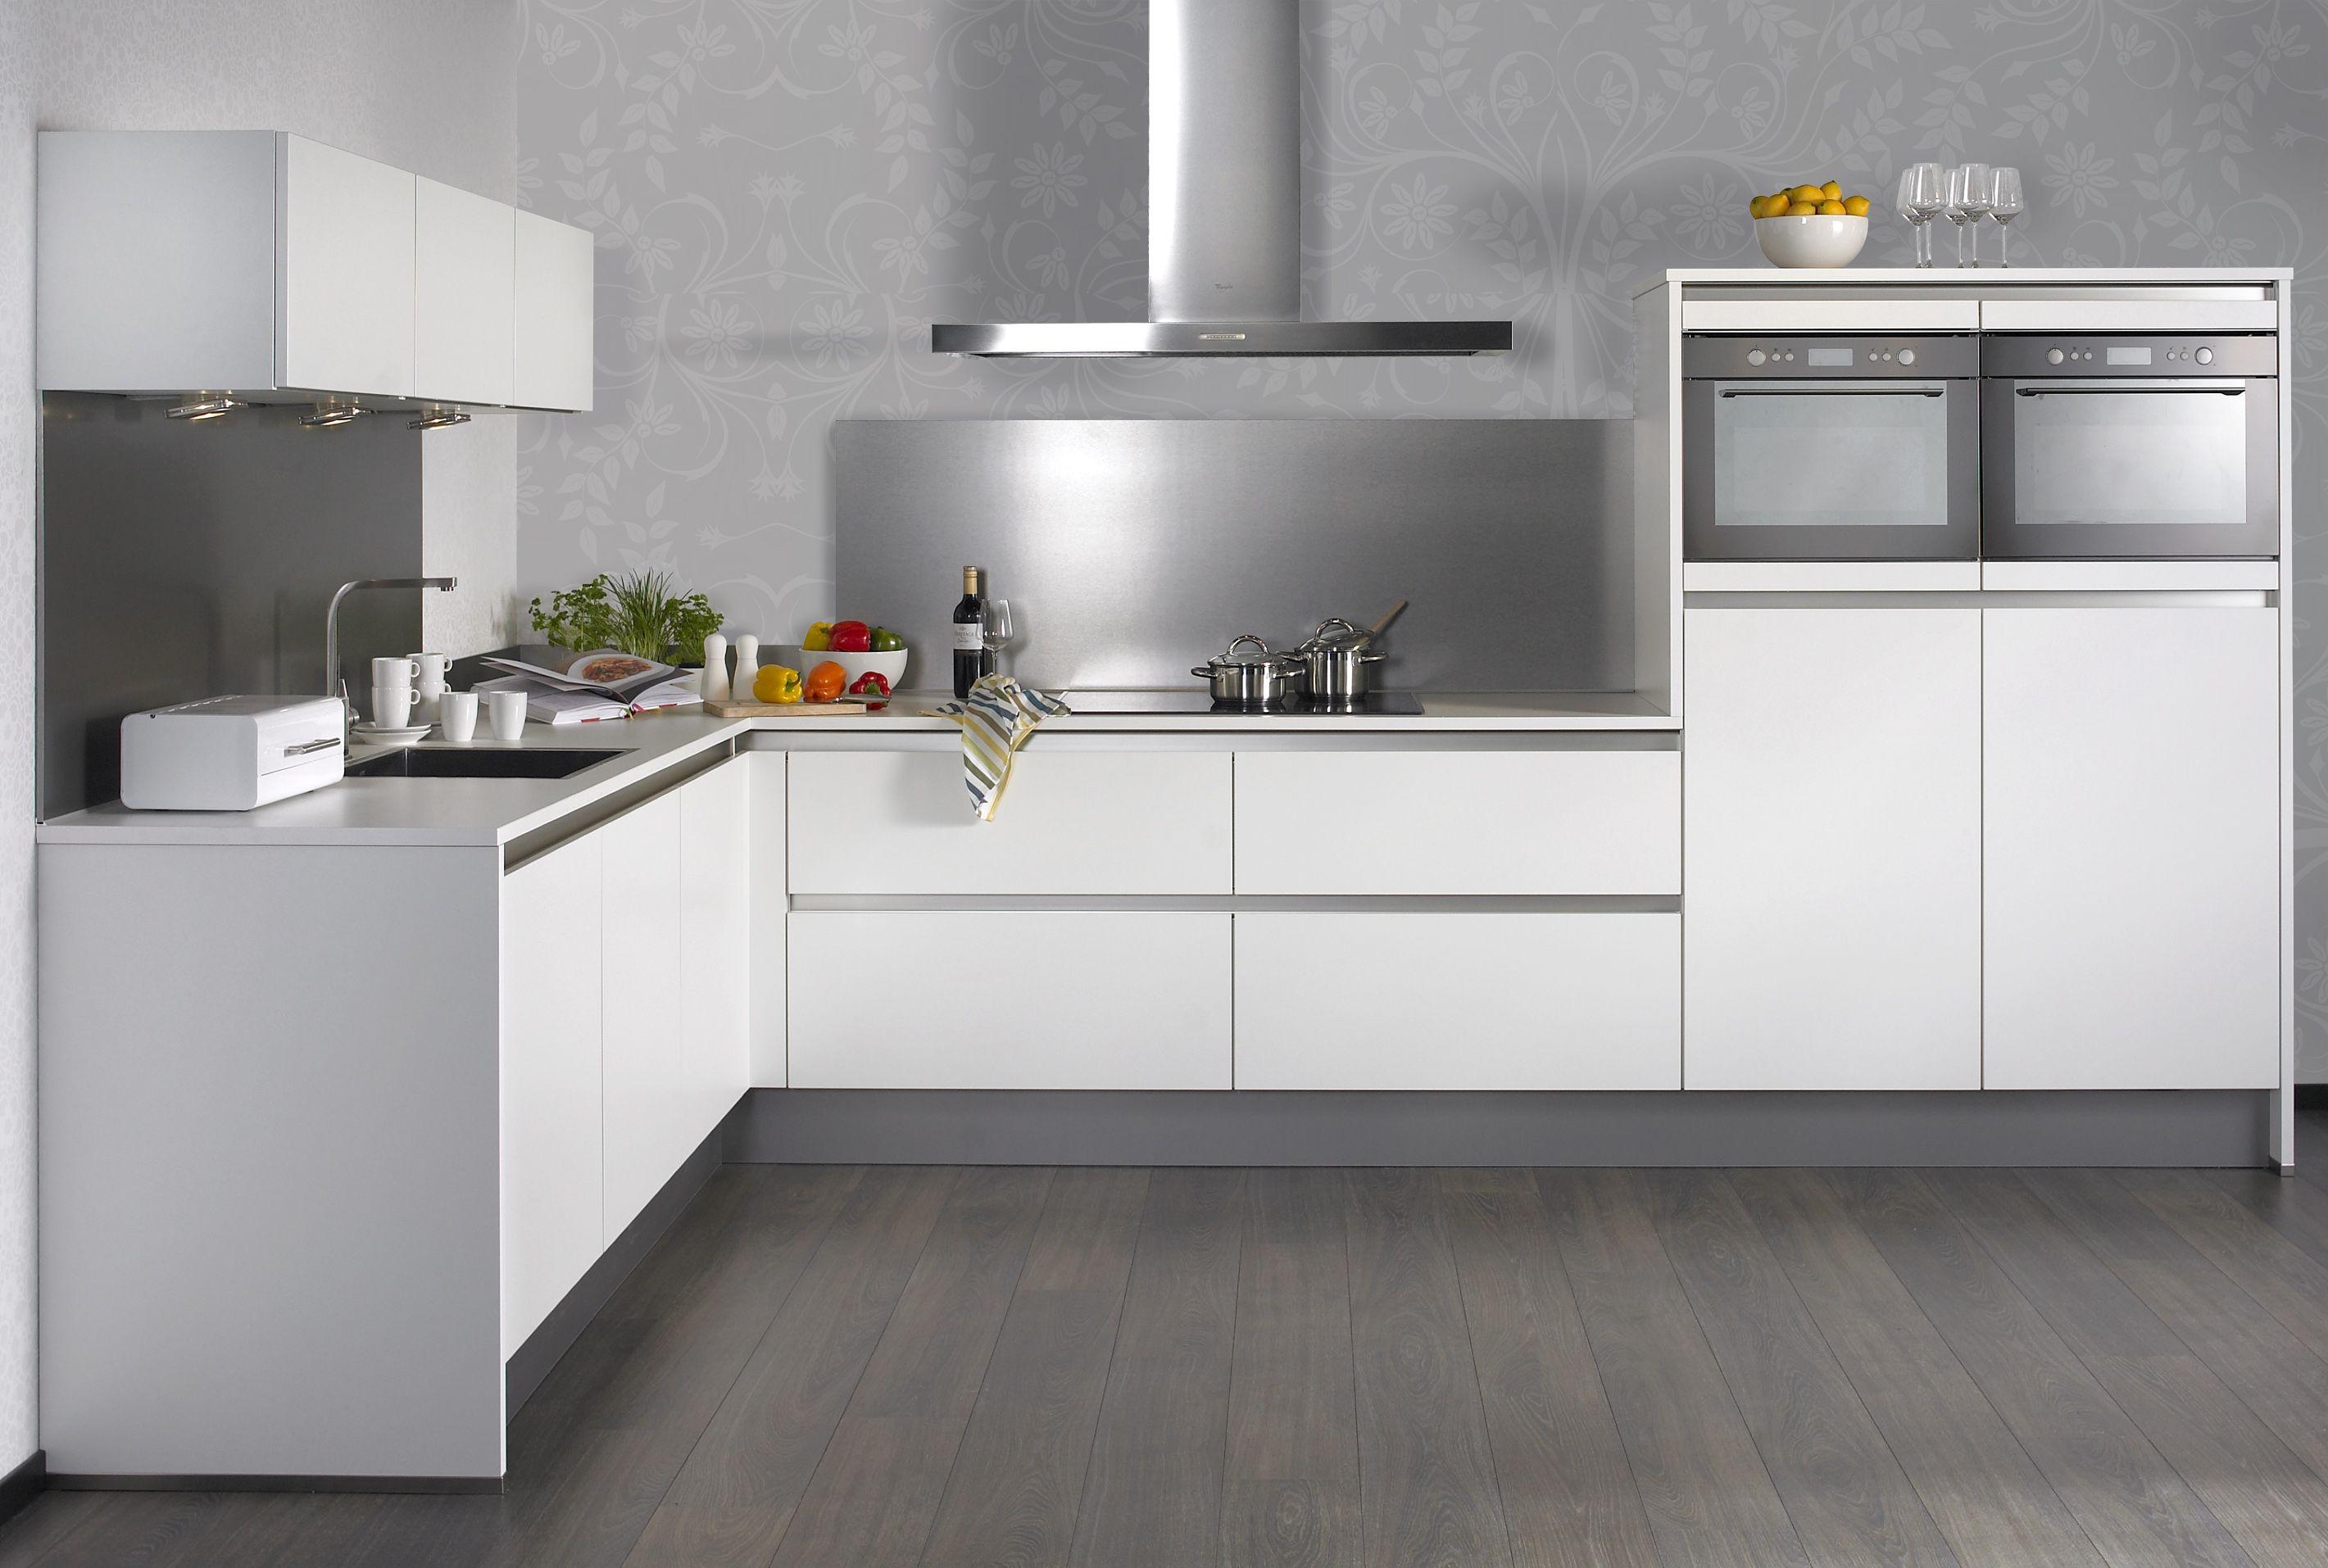 Moderne Keuken Keukenconcurrent : Severa bekijk deze keuken online bij keukenconcurrent Мебель